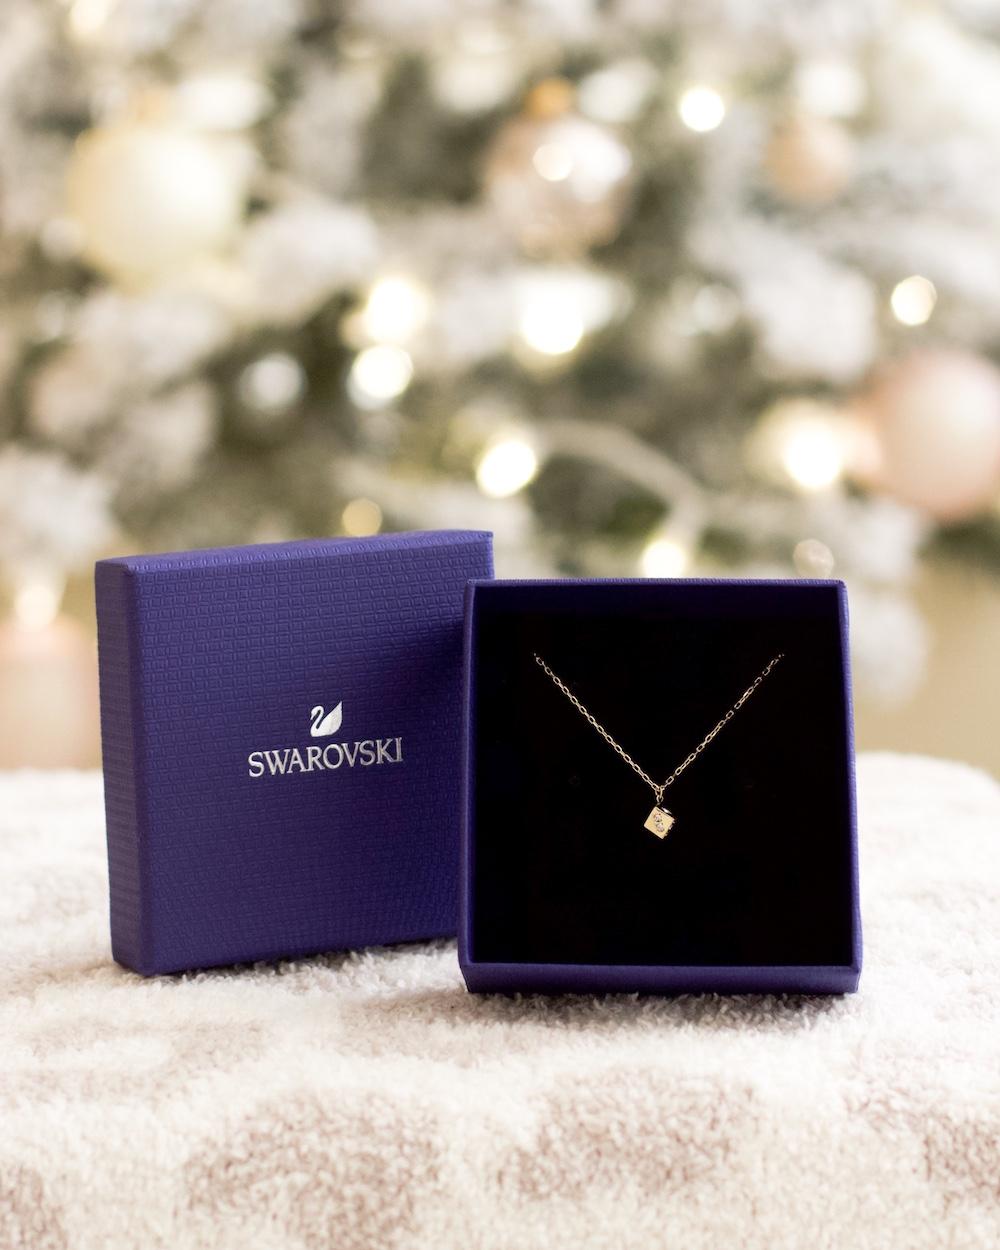 swarovski brea mall necklace